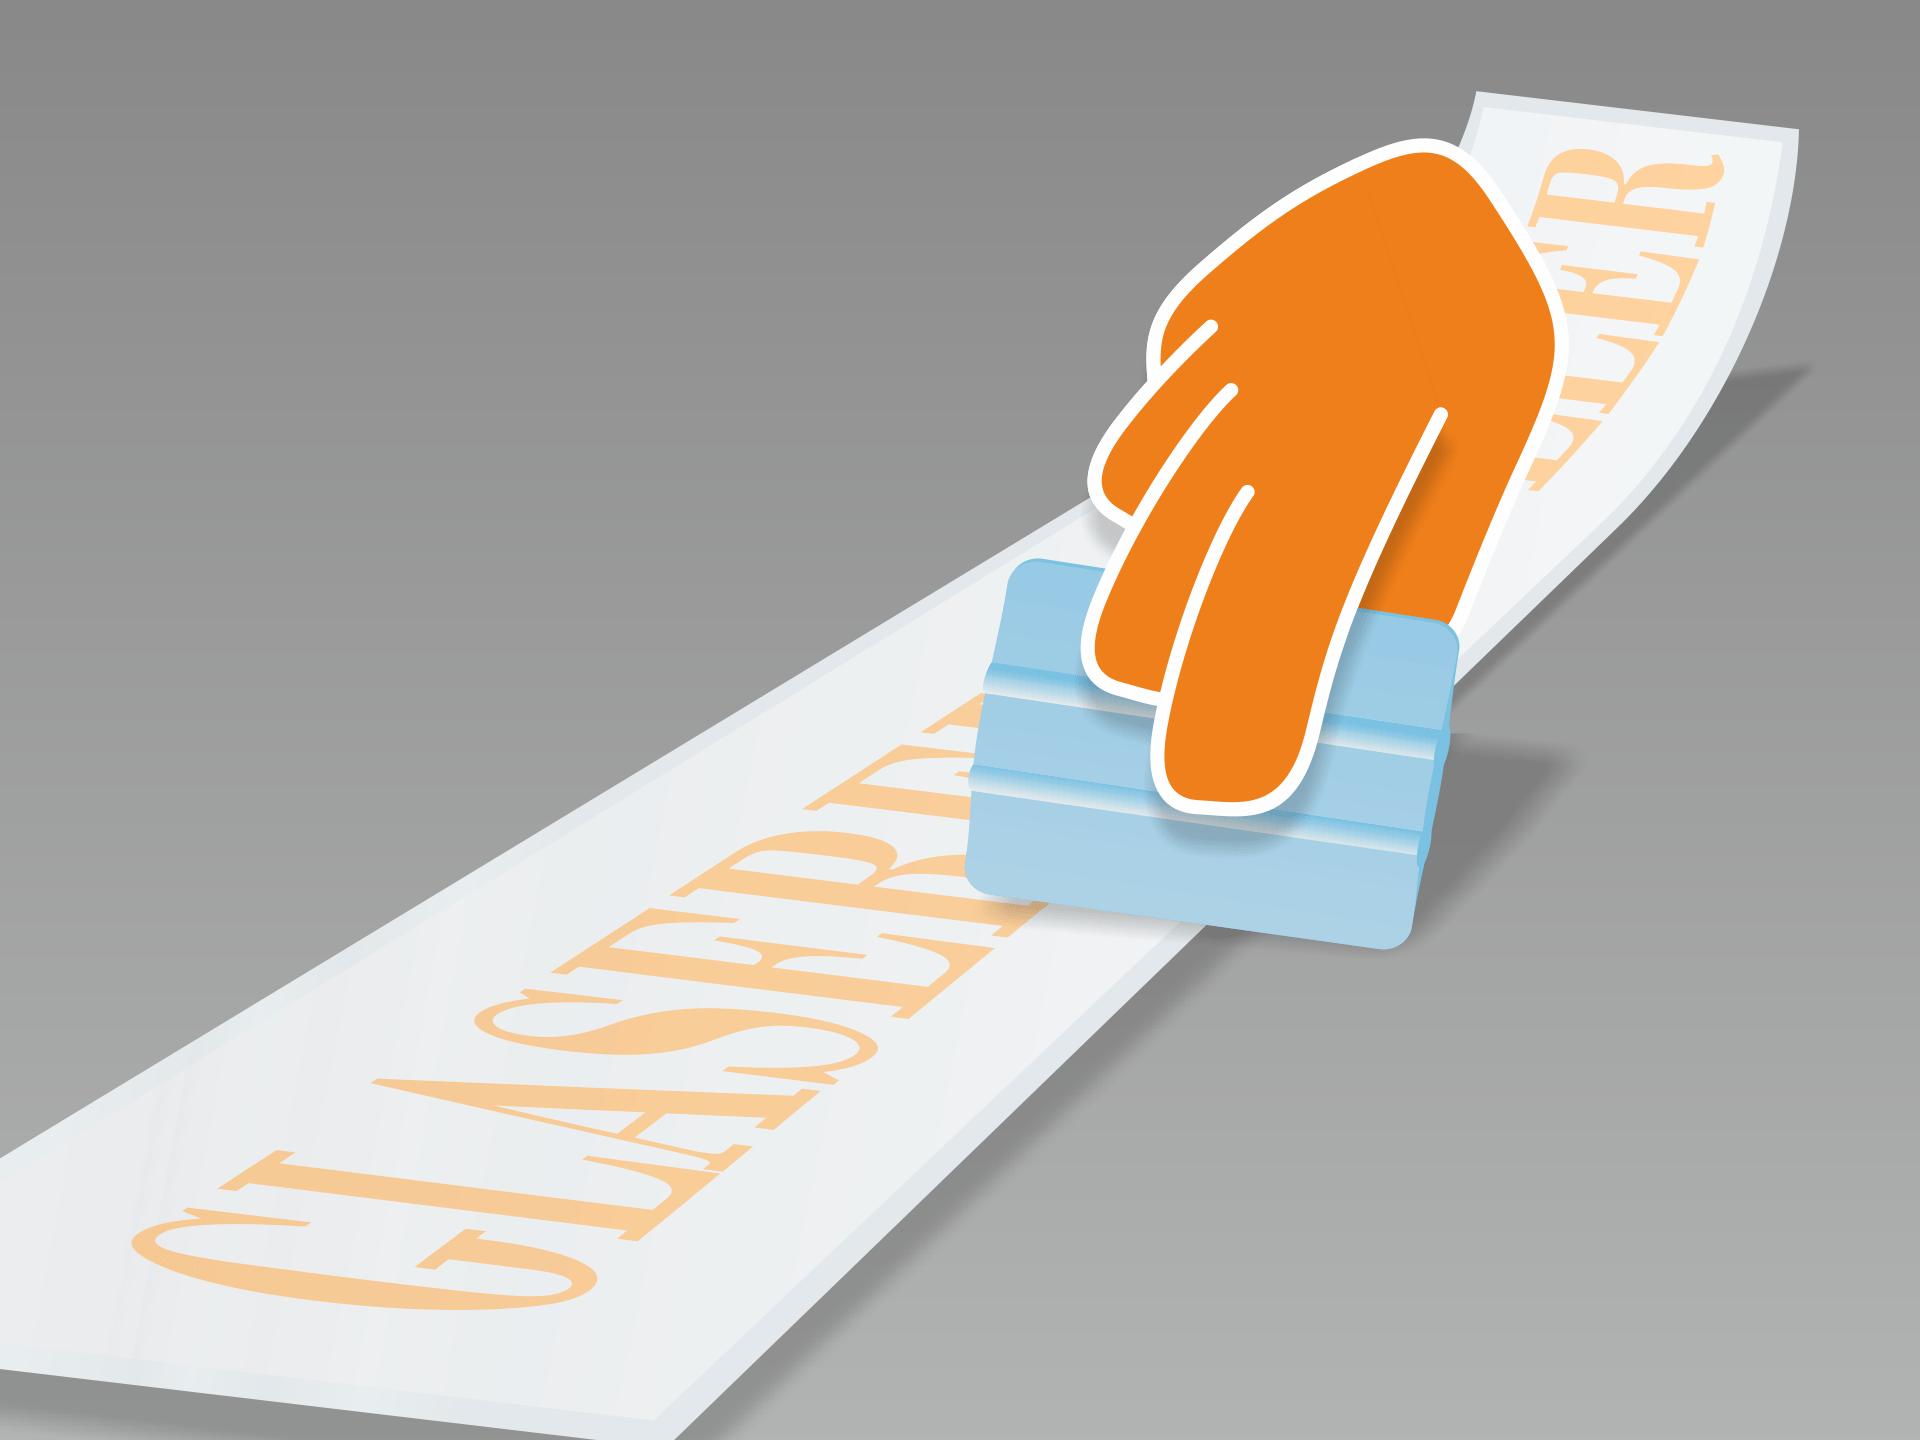 Aufkleber flach auslegen und mit Rakel (oder Kreditkarte) fest über Vor- und Rückseite streichen.